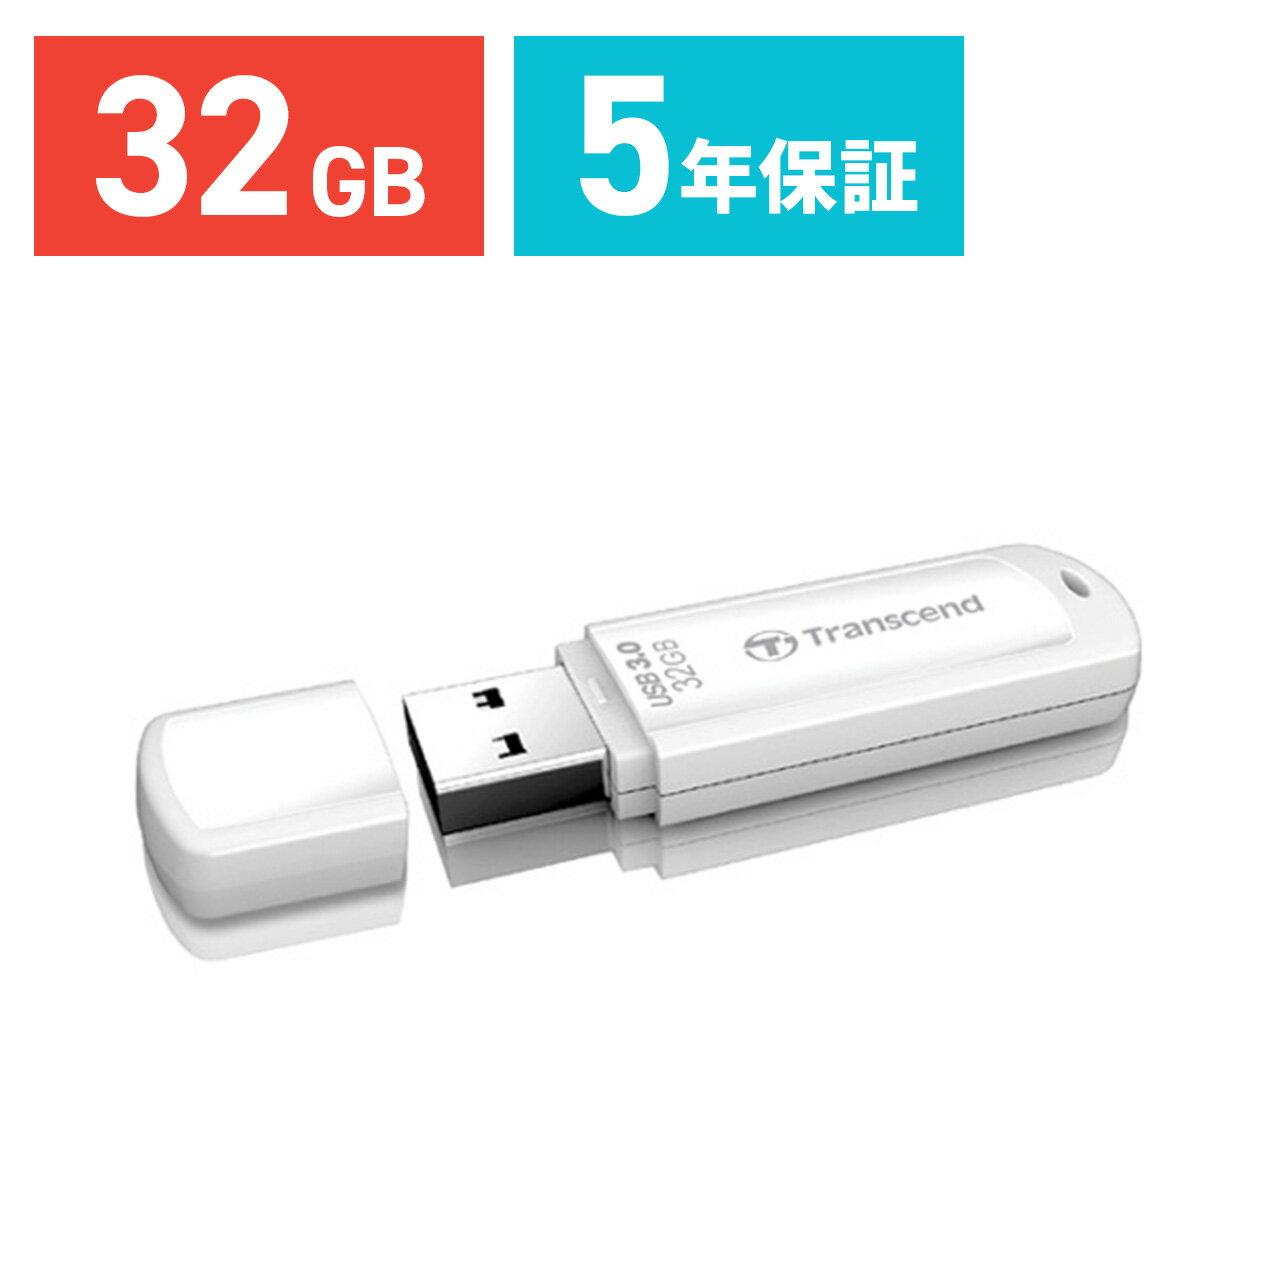 【9月14日値下げしました】【ネコポス専用】Transcend USBメモリ 32GB USB3.0 JetFlash730 光沢ホワイトボディ USBメモリー 高速 大容量 入学 卒業[TS32GJF730]【今だけ送料無料!】